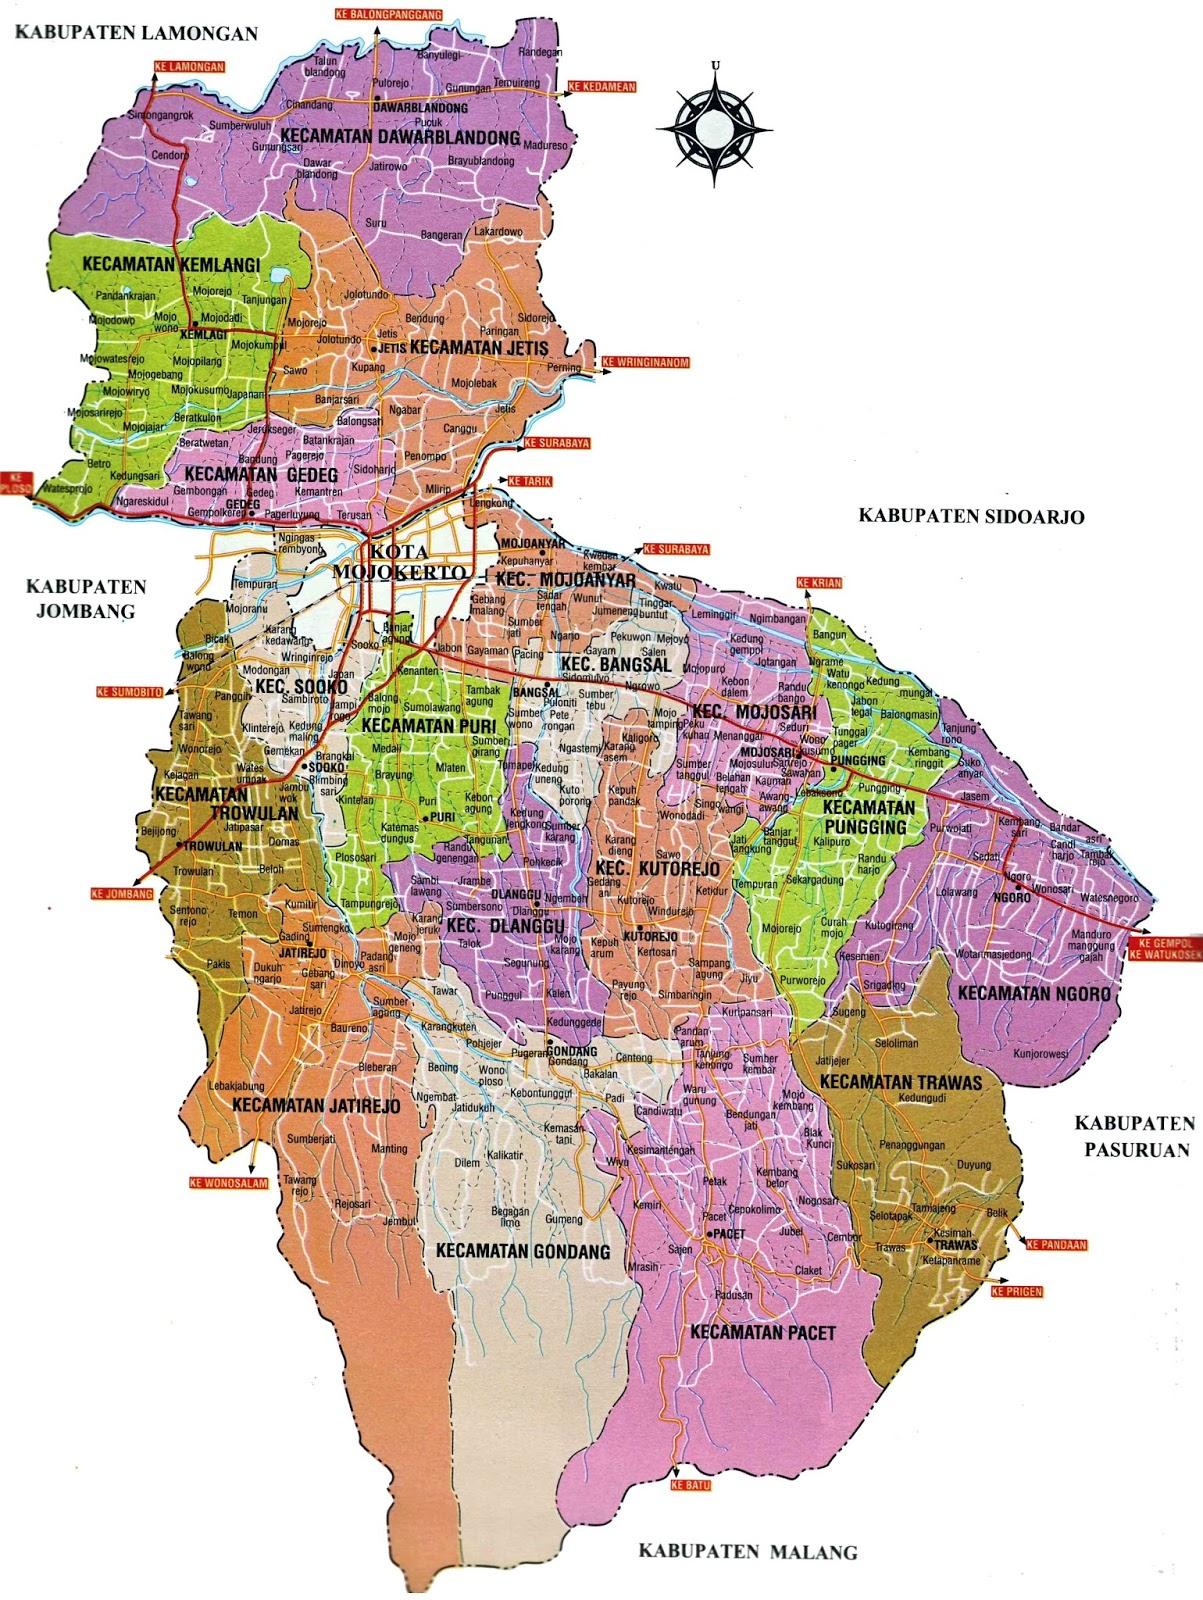 Peta Kota Kabupaten Mojokerto Memiliki Sejumlah Objek Wisata Menarik Mulai